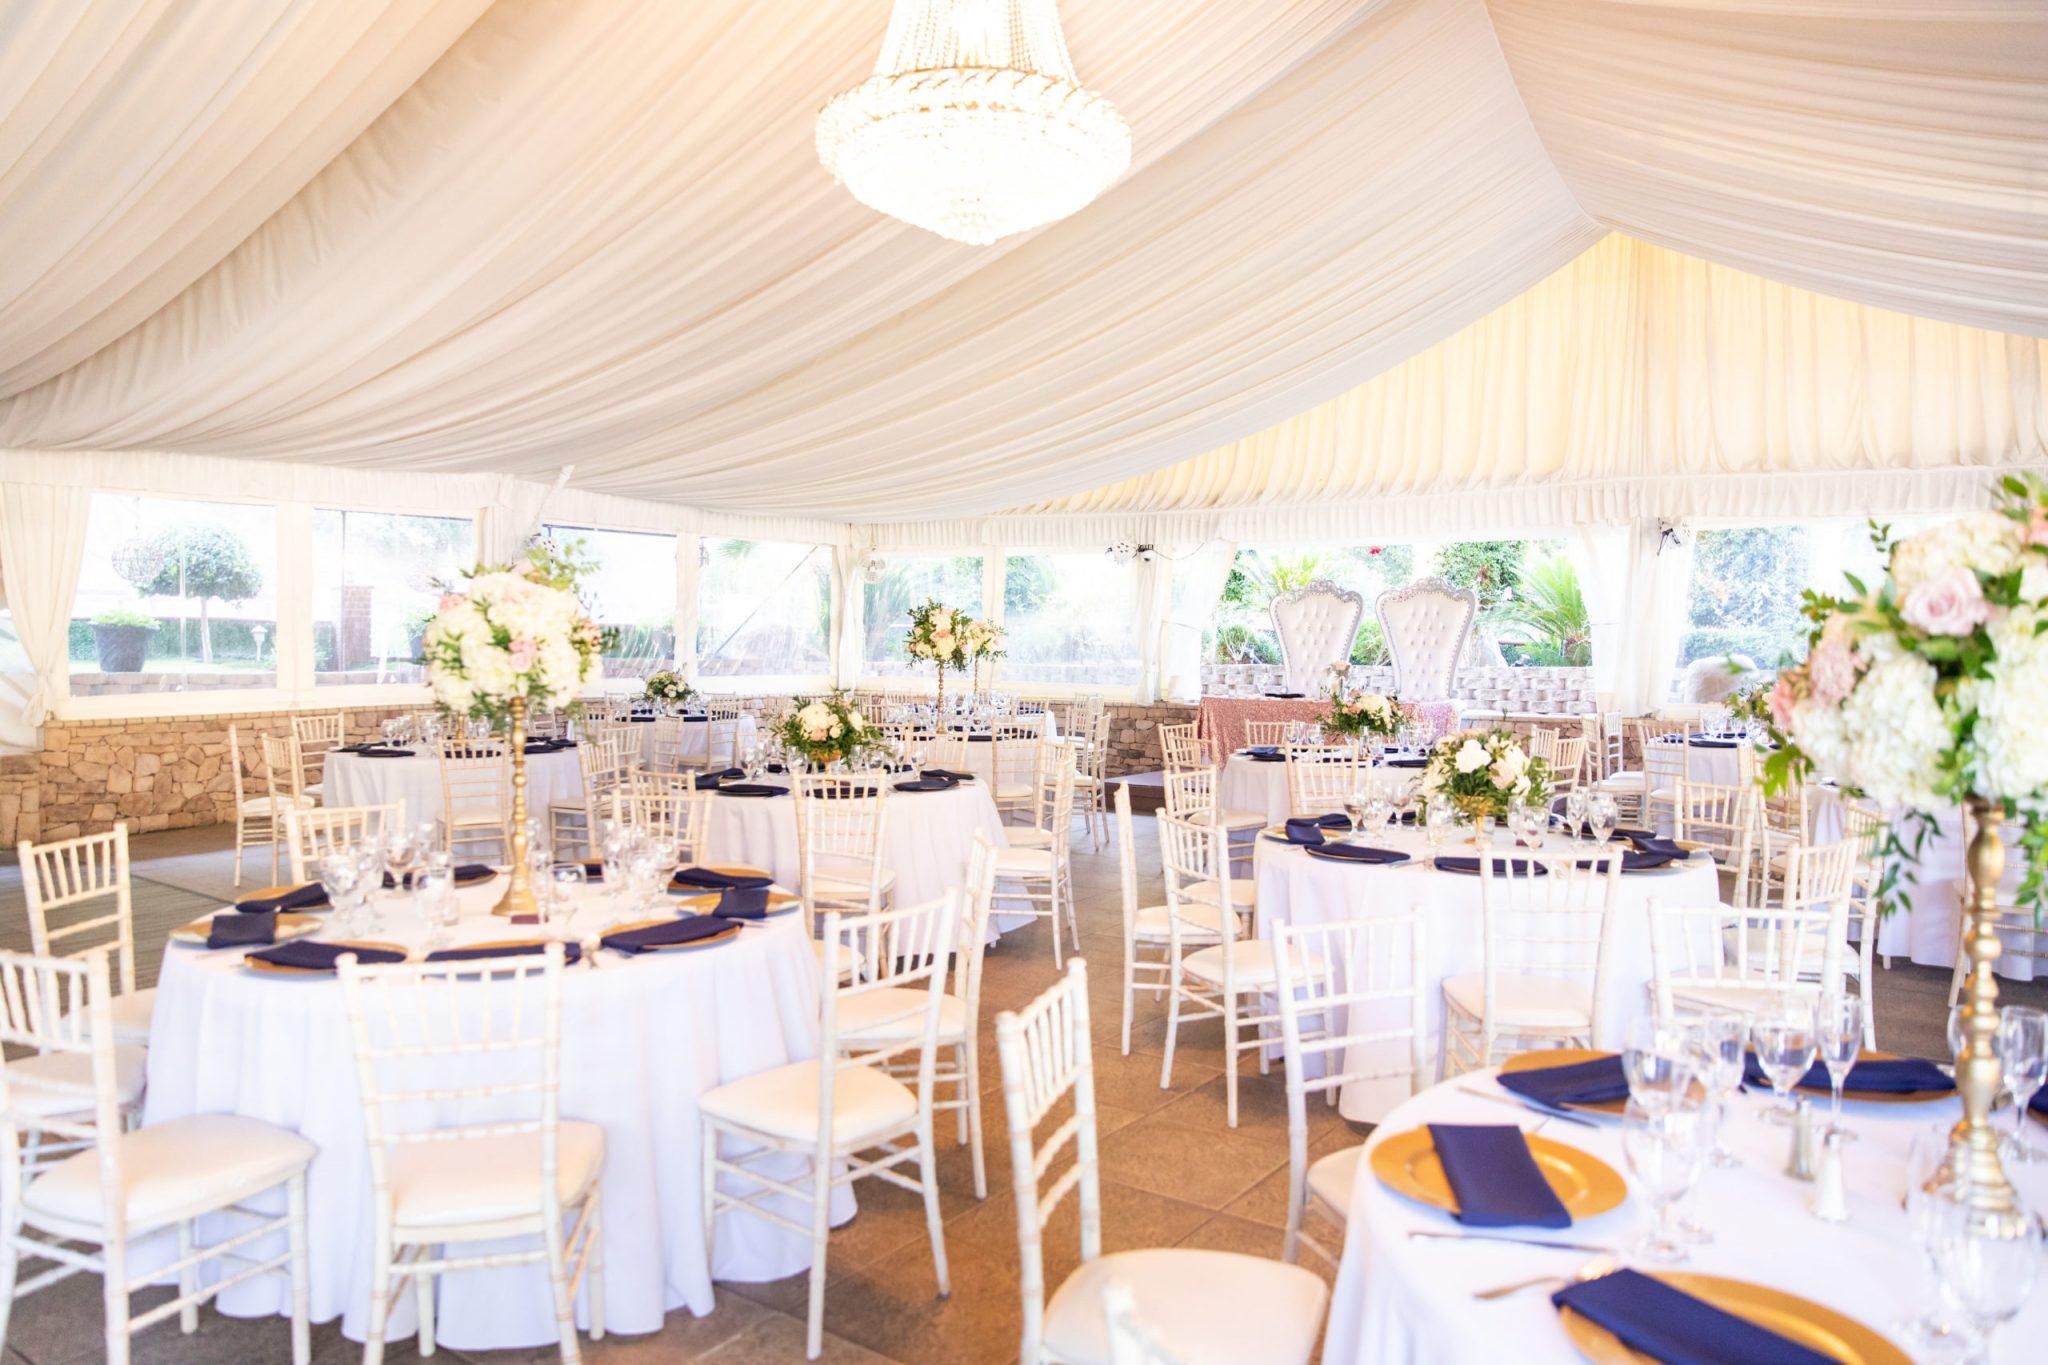 Matt Chrissy Wedding 5019 scaled